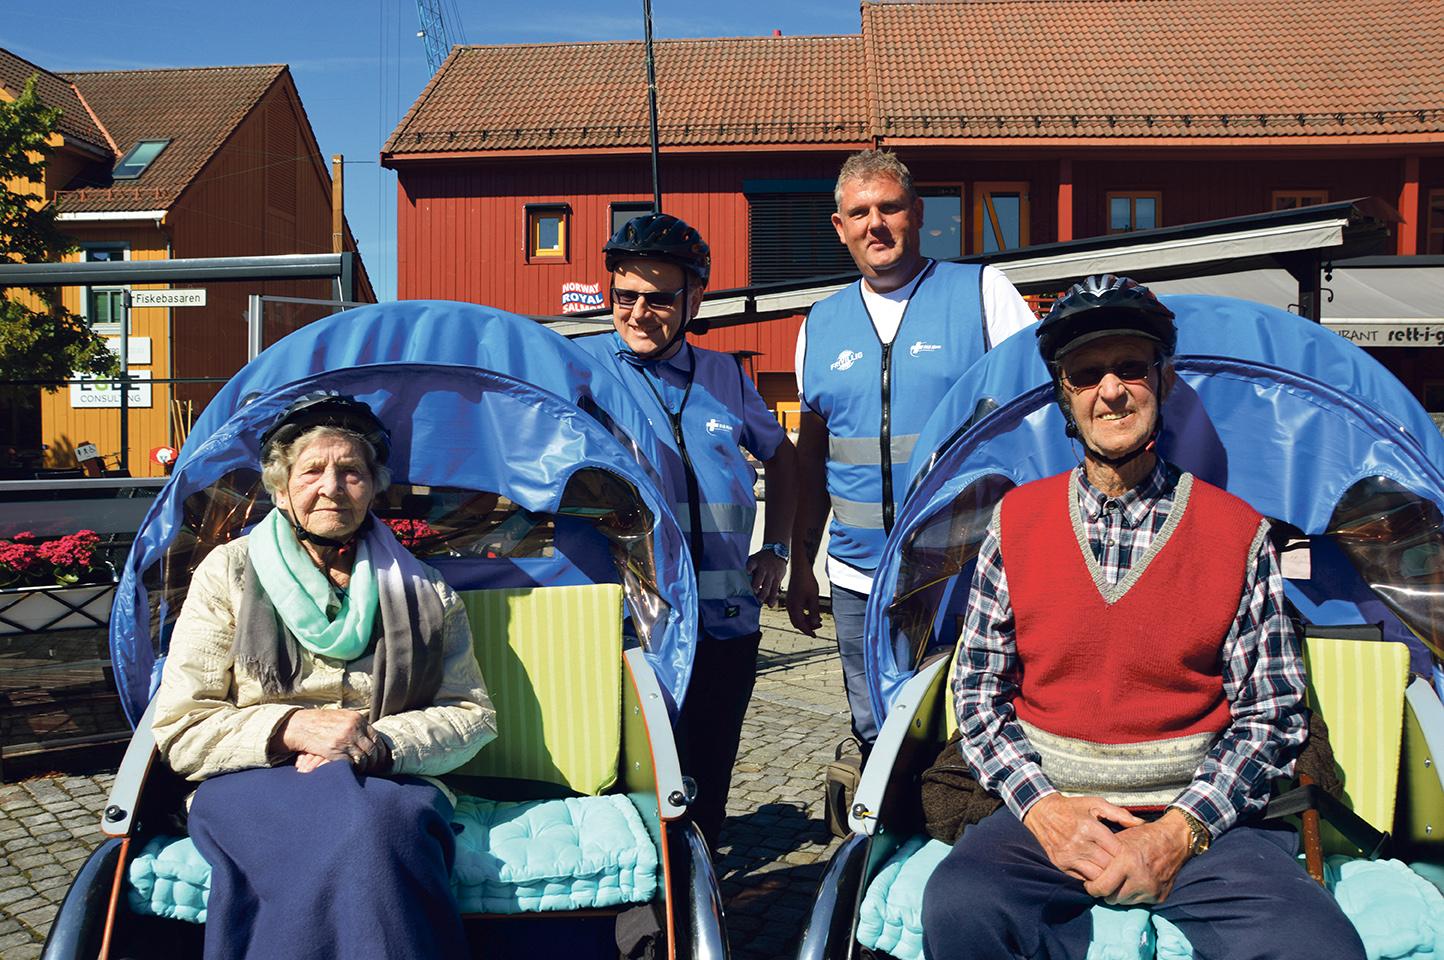 Ut På Tur, Magnhild Mosfjell Og Johannes Gundersen Foran, Olaf Theodor Messel Og Trond Furseth Bak.